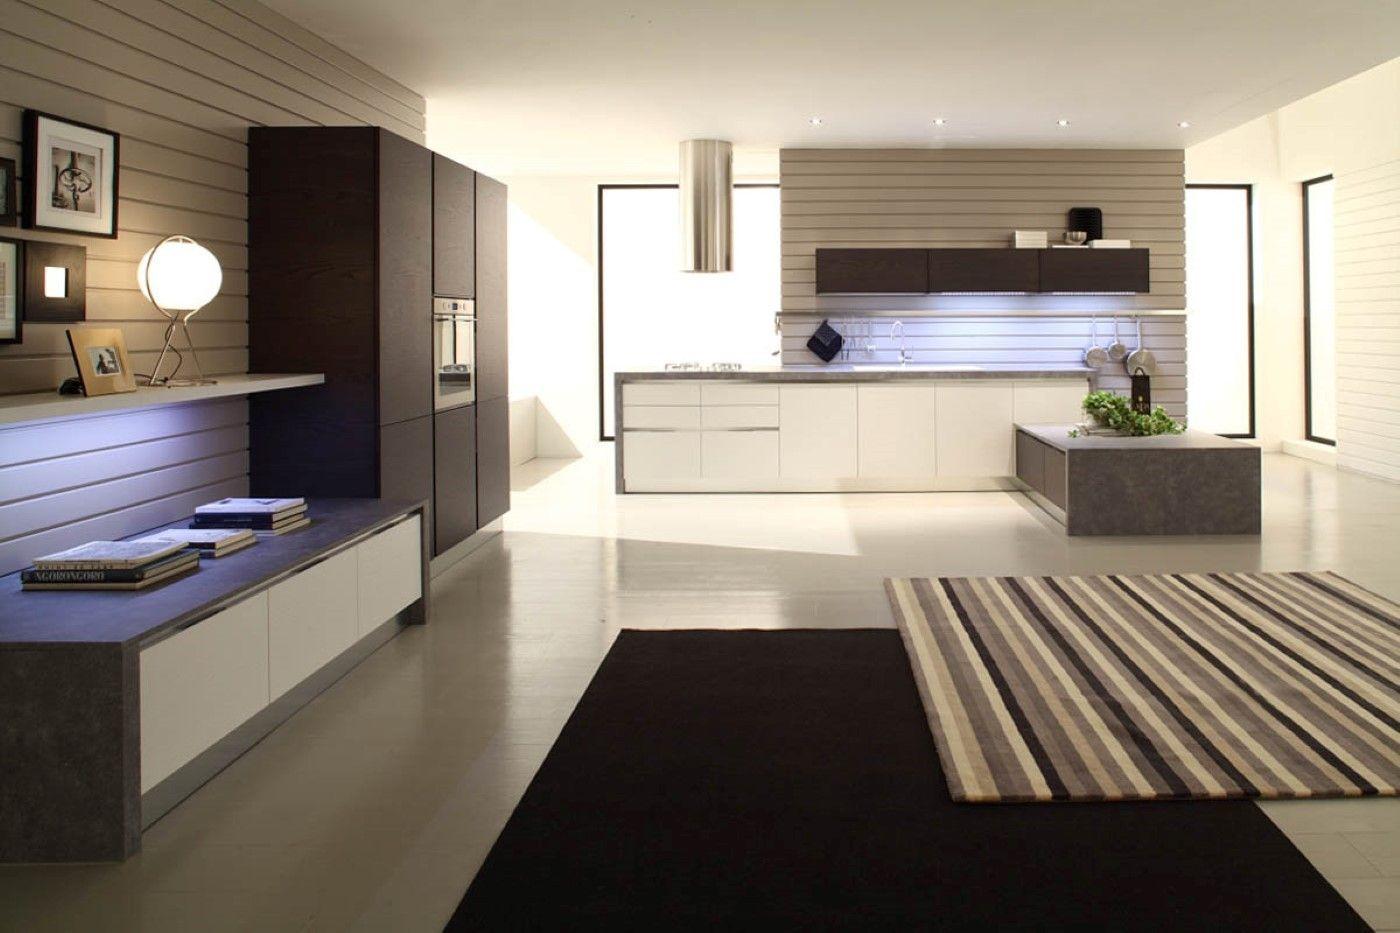 Cocinas, muebles de cocina y armariadas de cocina online en Valencia. David Moreno Interiores, estudio de interiorismo en Valencia #interioristas #interiorismo #decoracion #decoradores #deco #decor #interior #designer